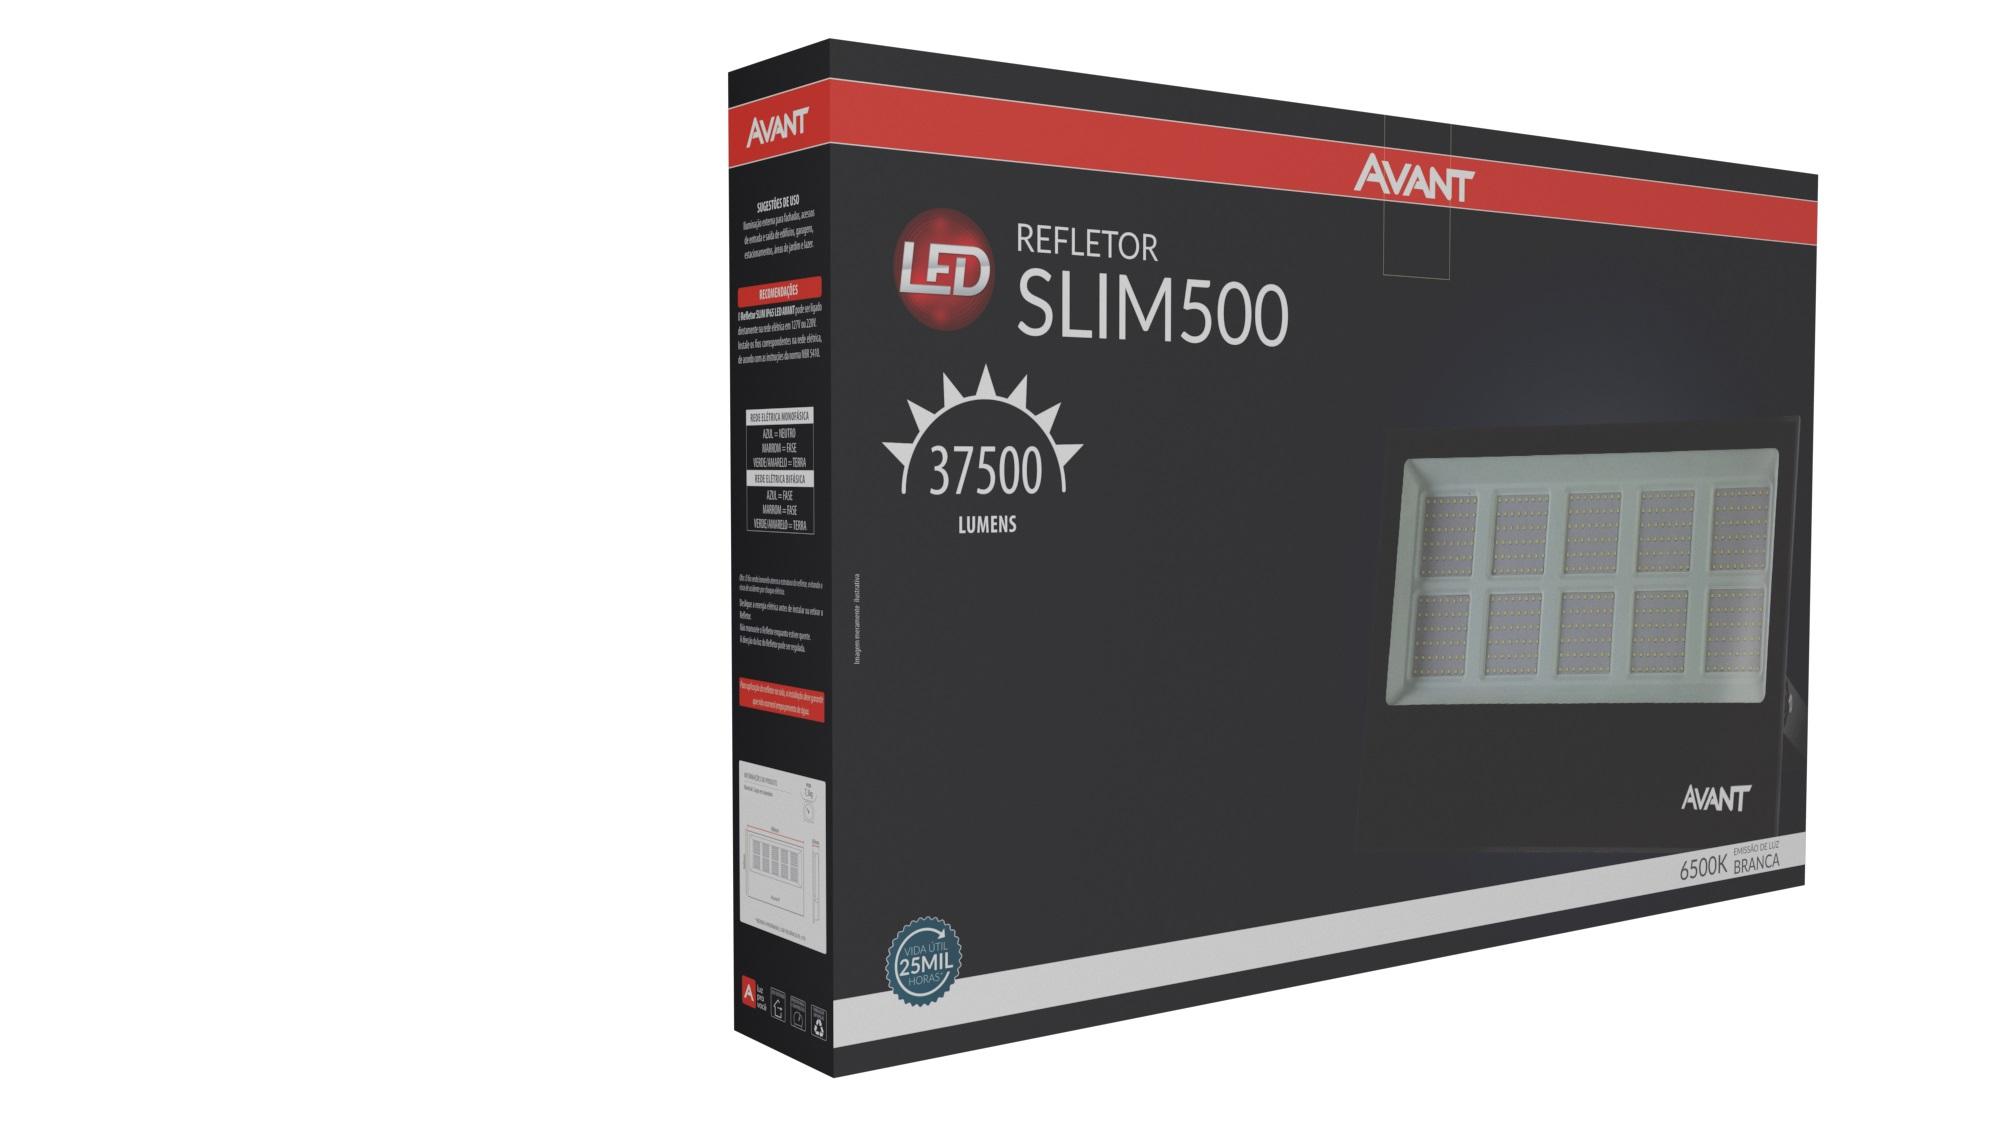 Refletor de Led 500w Preto Luz Fria Avant